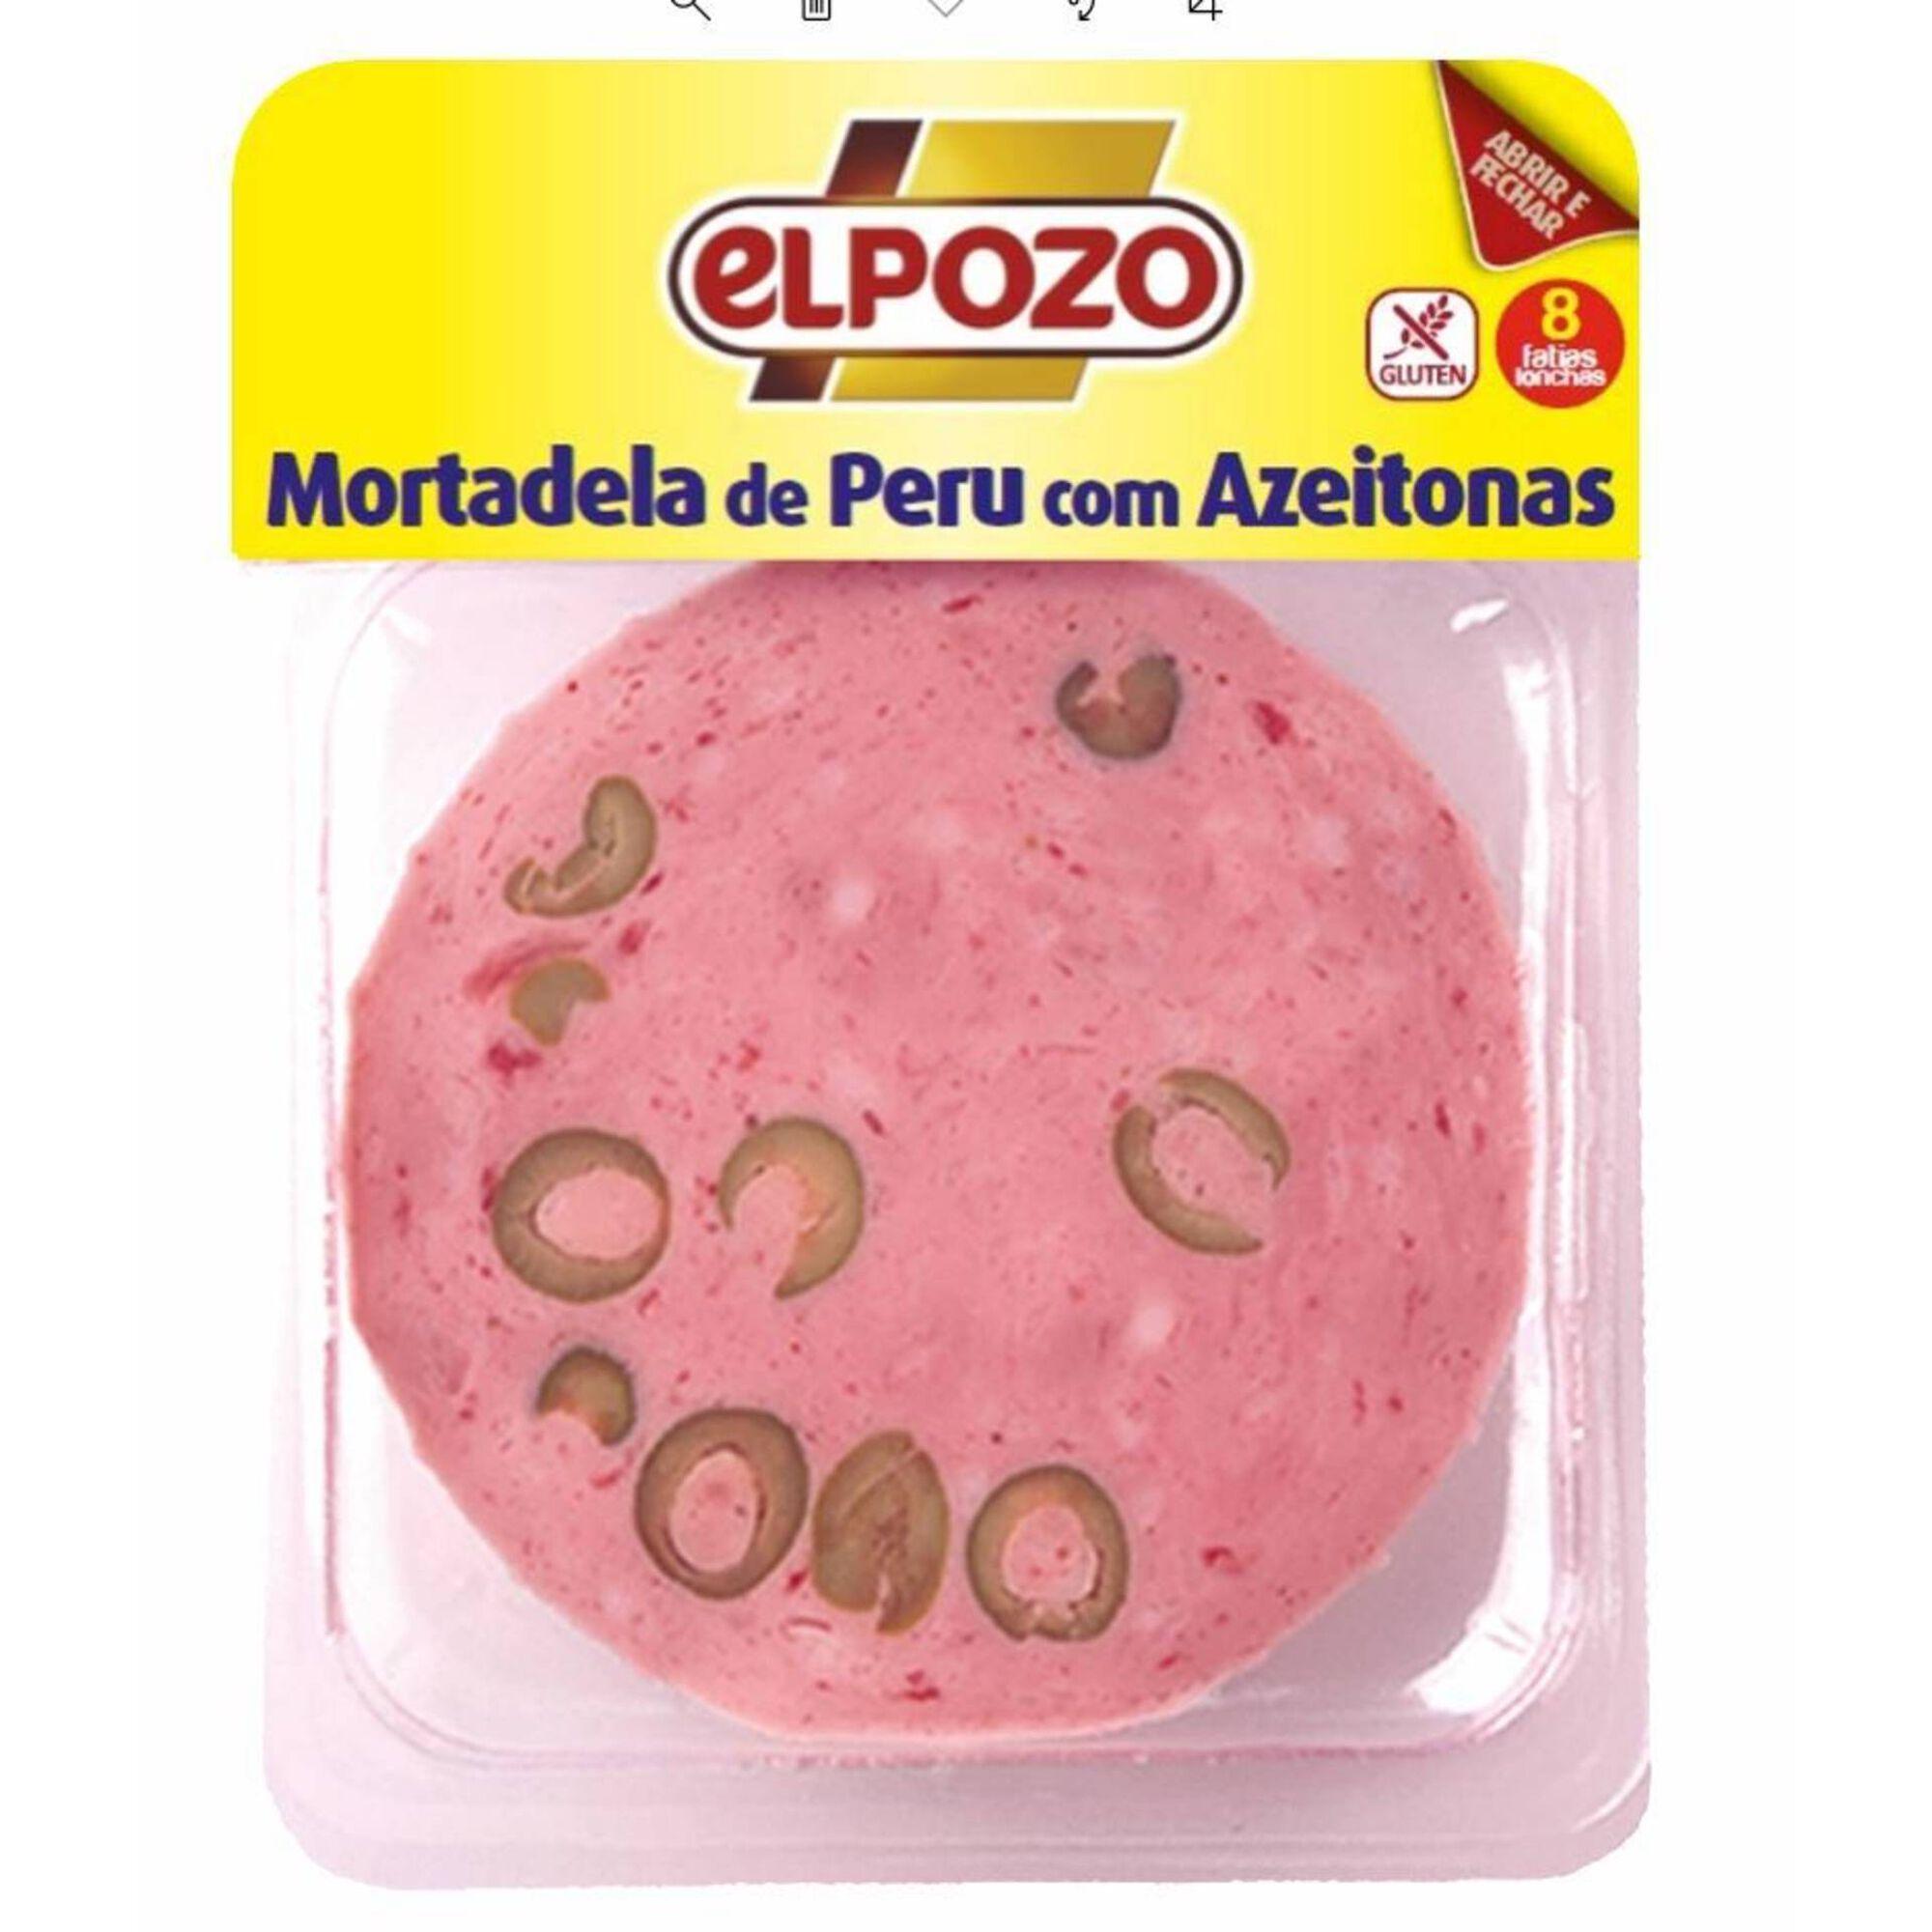 Mortadela de Peru com Azeitonas